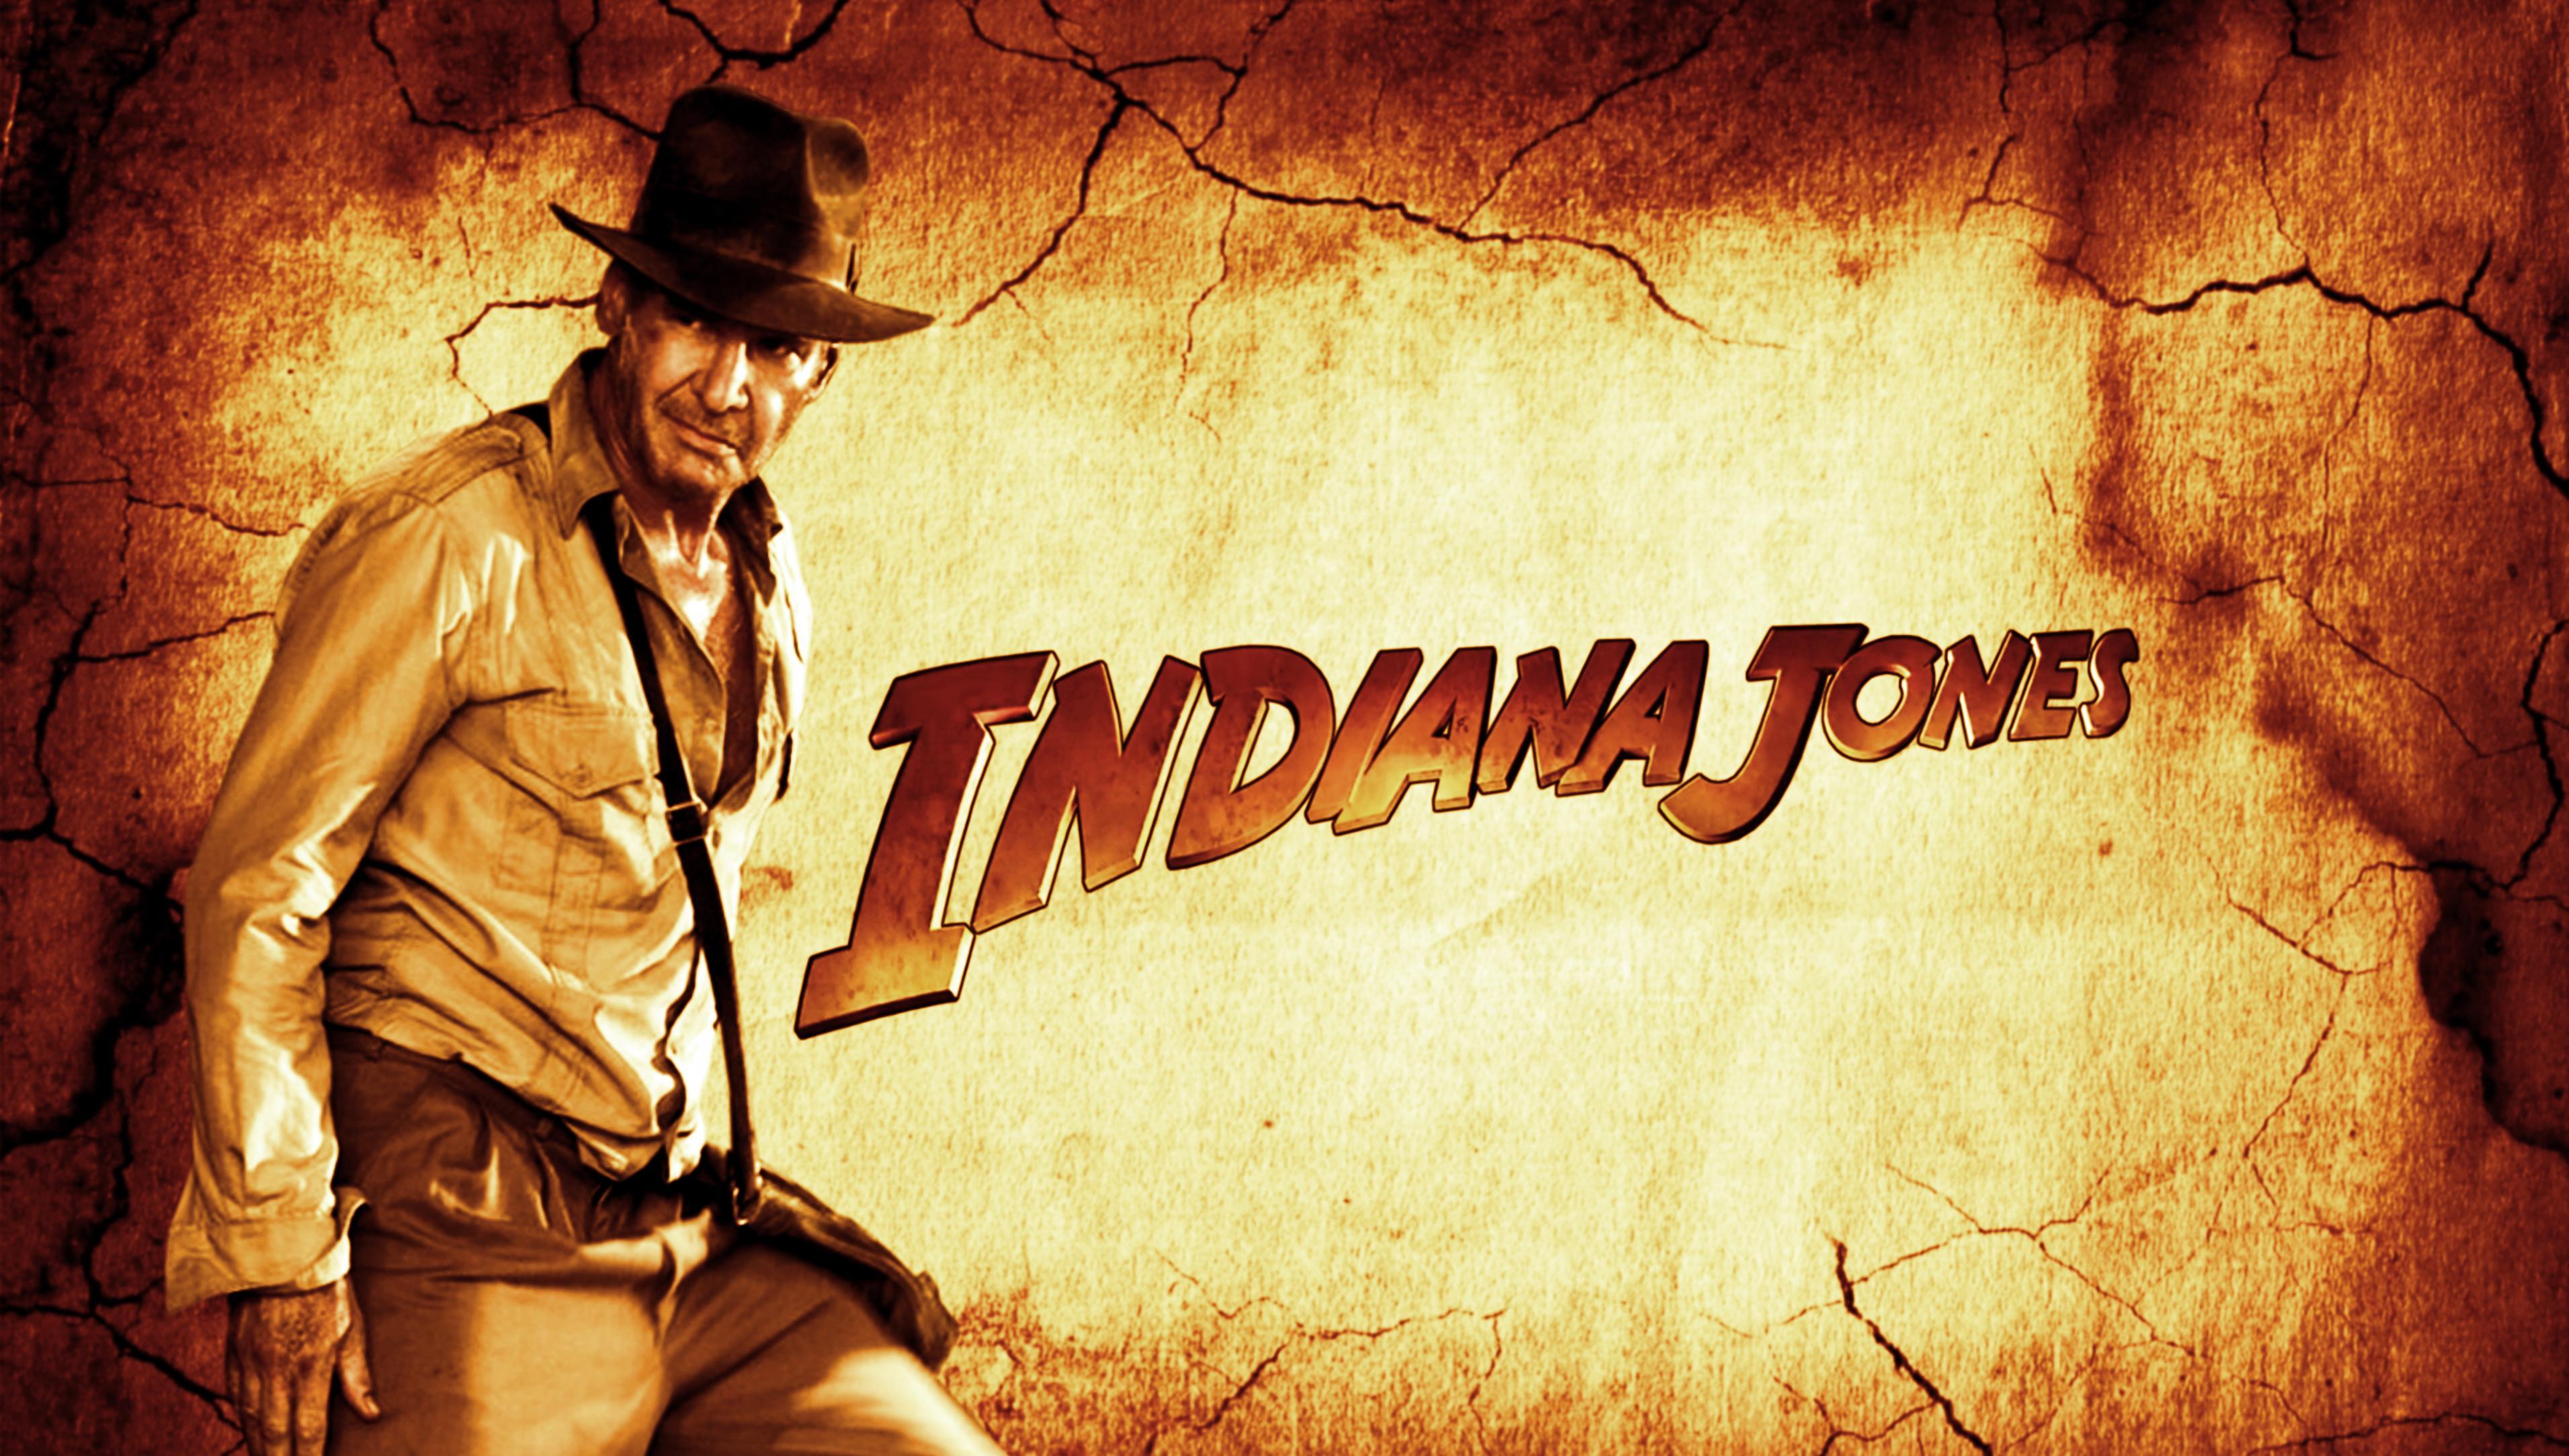 Temple Quotes Wallpaper Pc Hd Indiana Jones Wallpaper Hd Pixelstalk Net